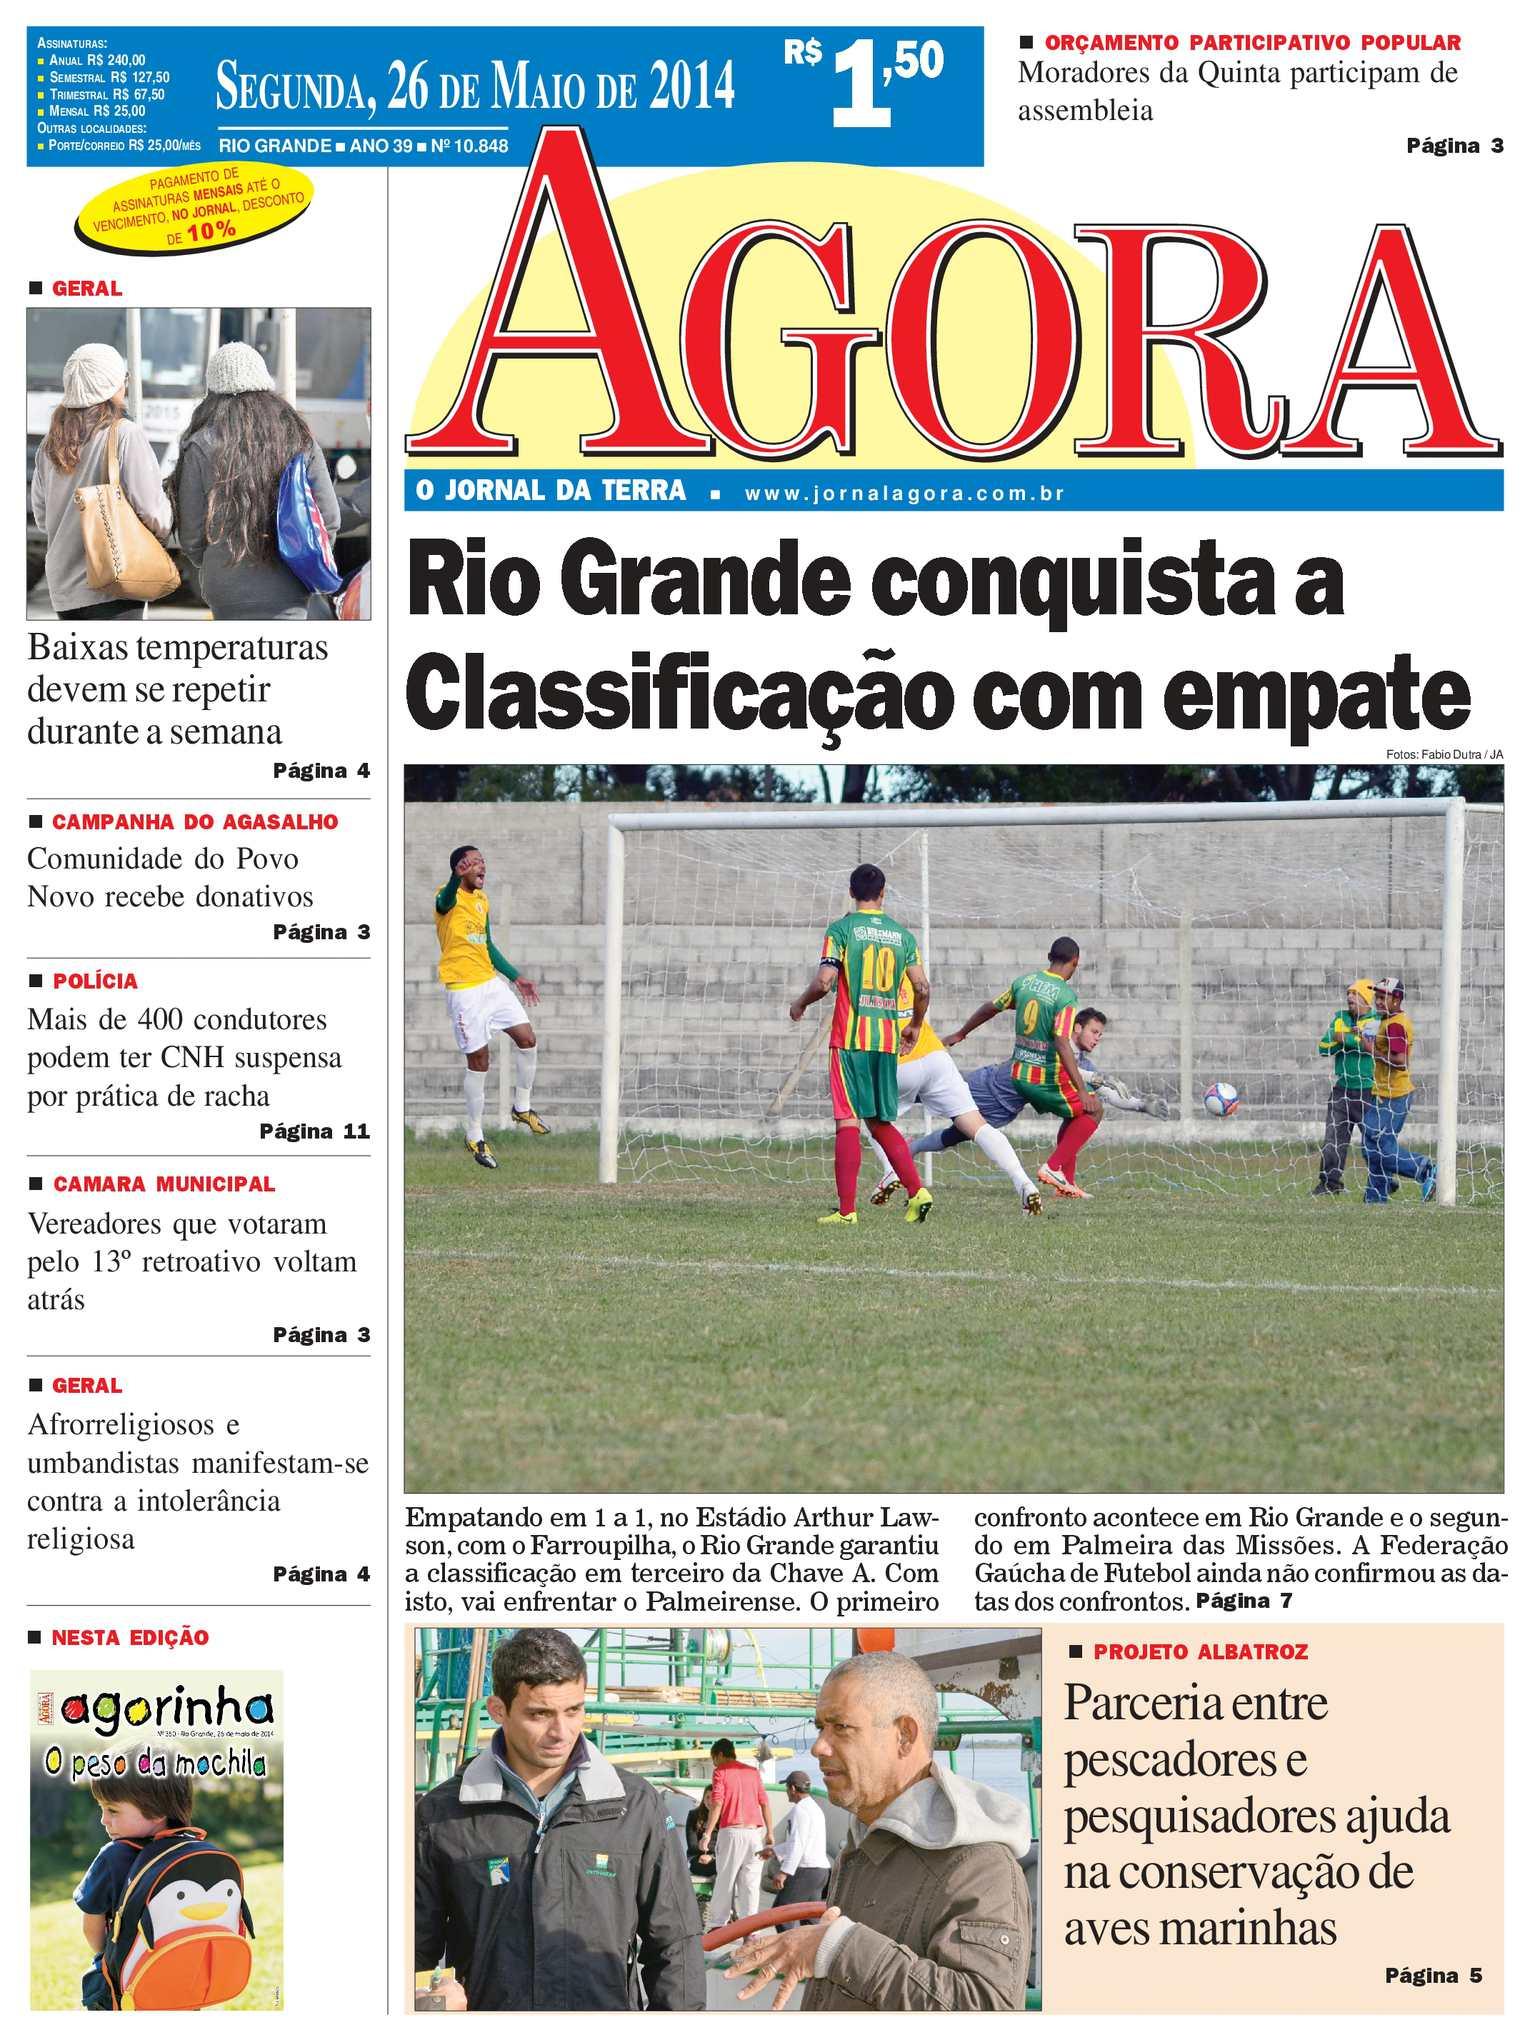 bb68f5b7ae Calaméo - Jornal Agora - Edição 10848 - 26 de maio de 2014